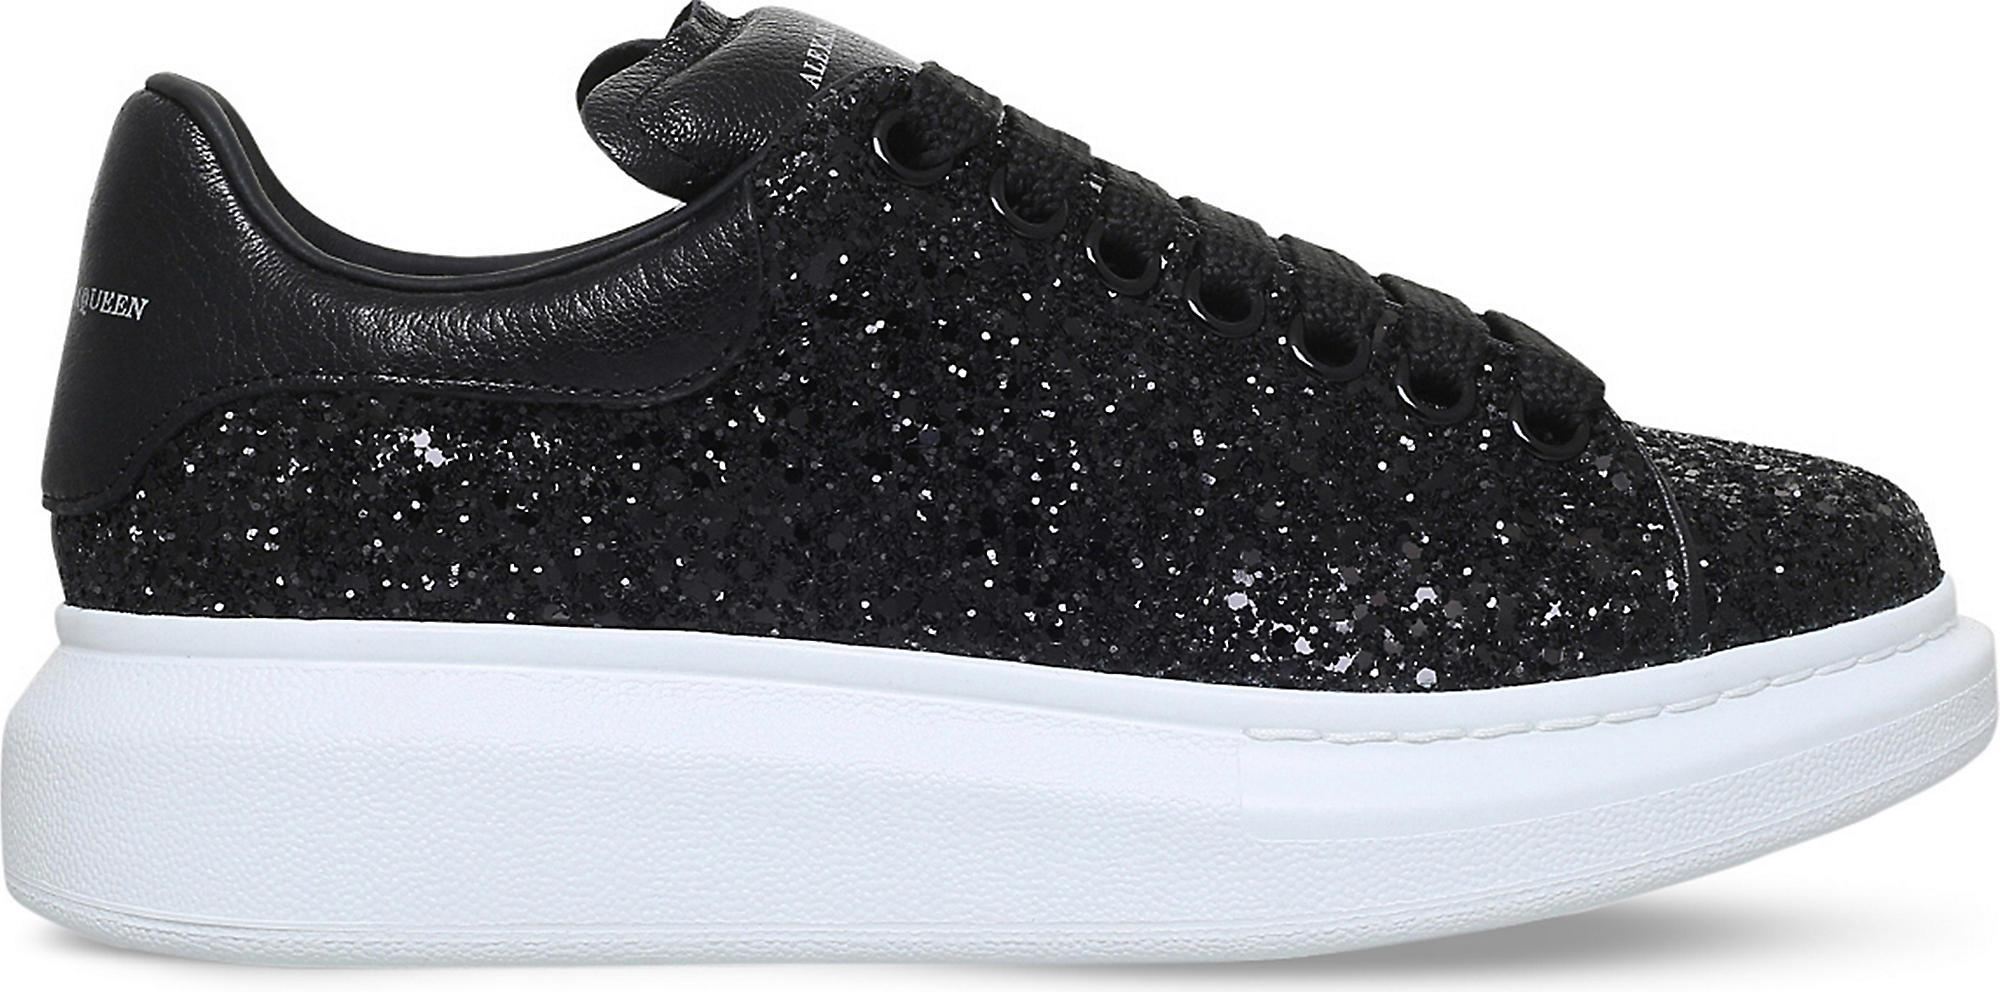 Women's Black Lace-up Glitter Sneakers